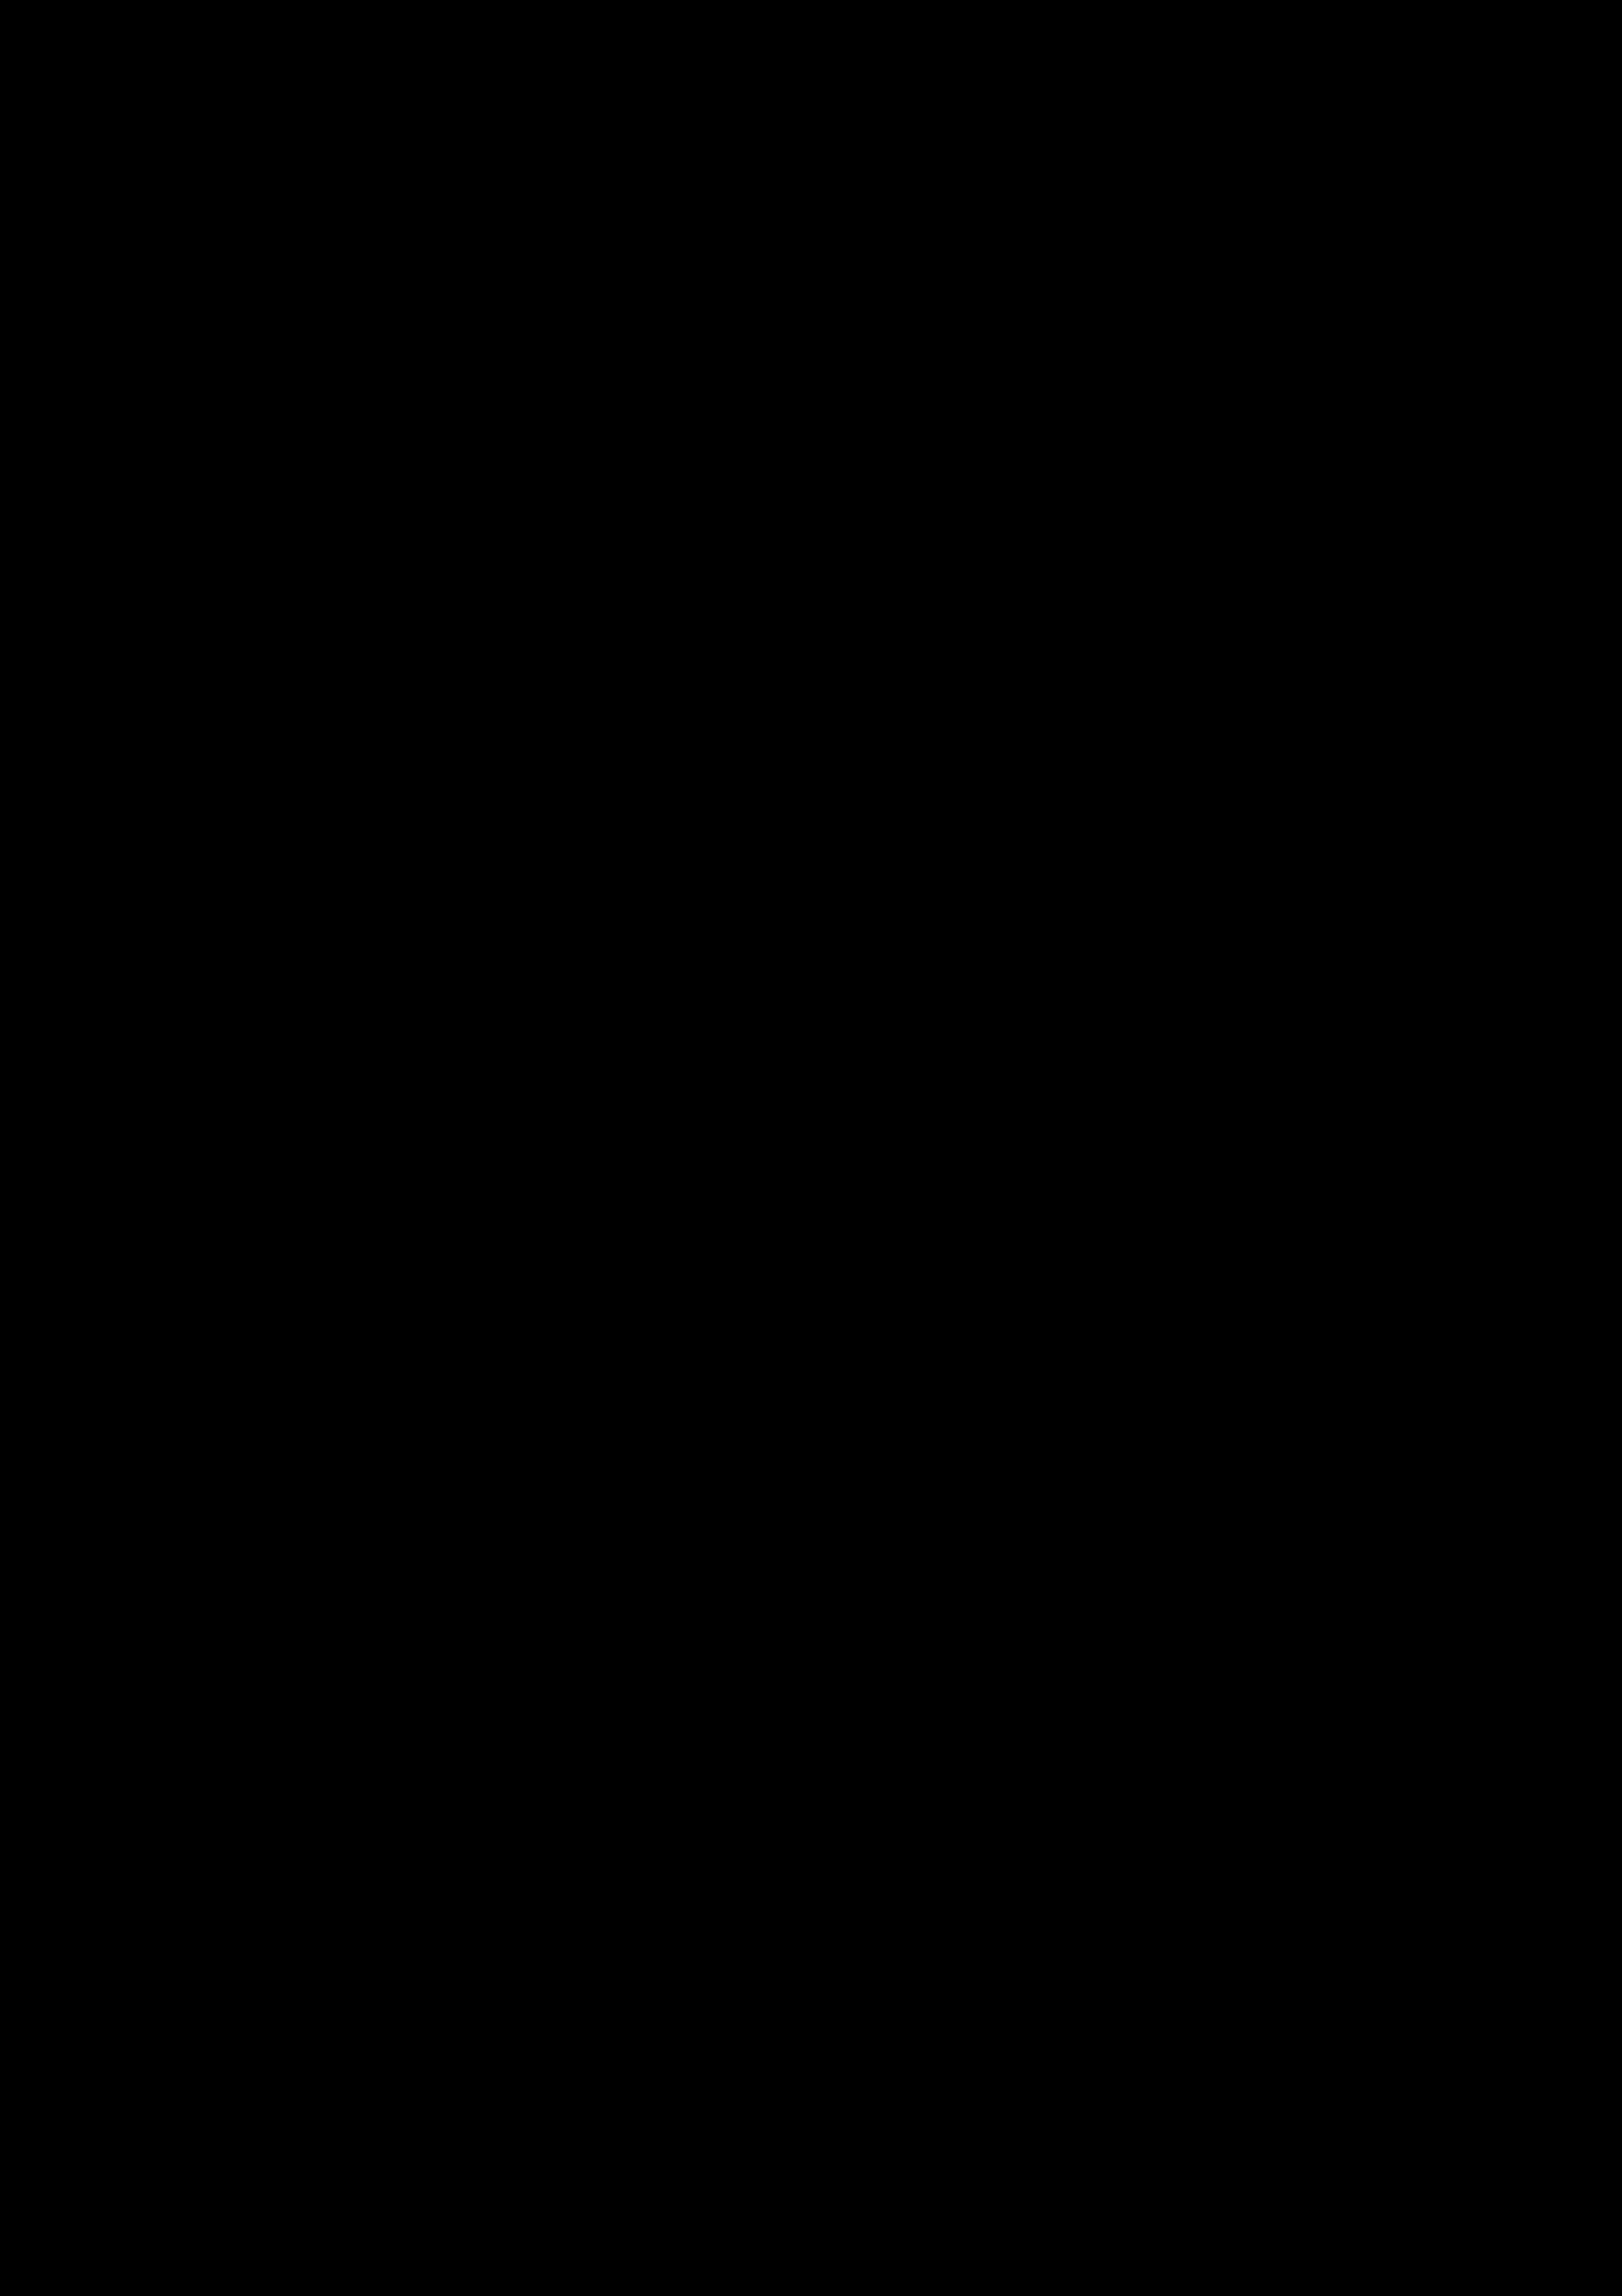 Bedingungsloses Mindesthirn für alle! (DINA2)